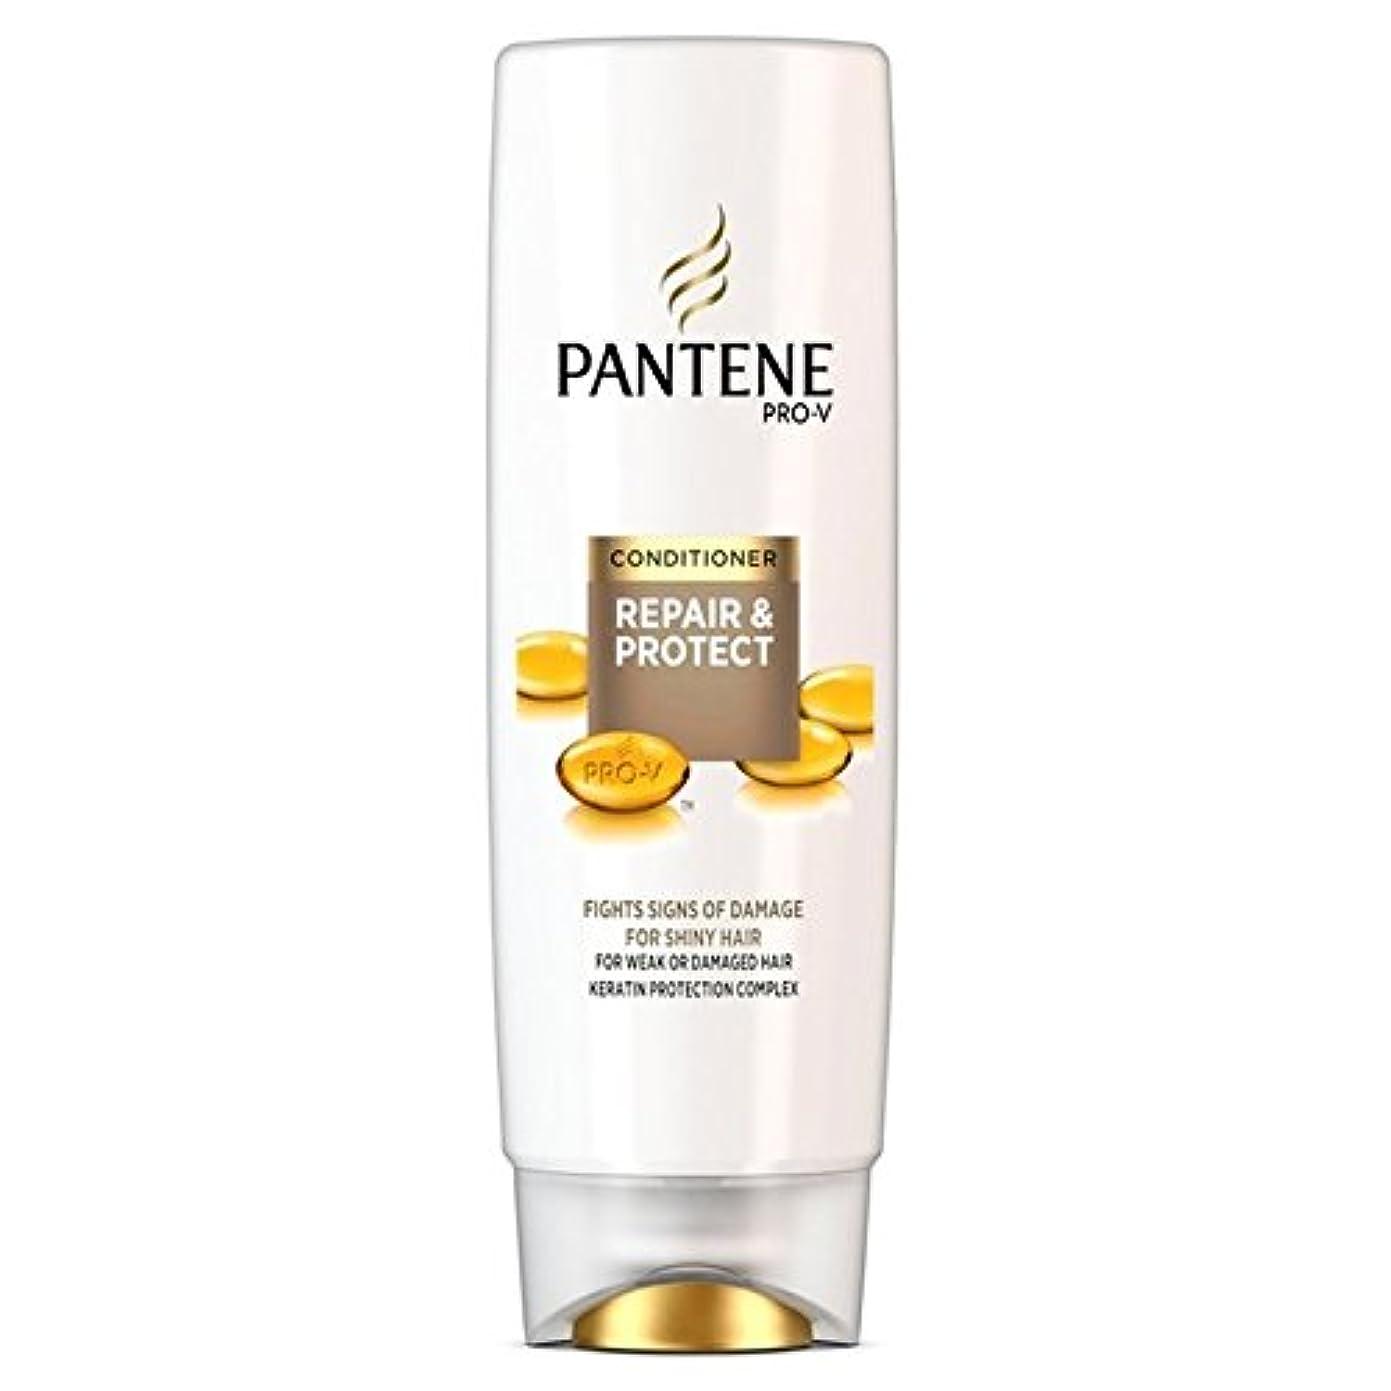 マーガレットミッチェルつかいます私たちのものパンテーンコンディショナーの修理&弱いか、傷んだ髪の250ミリリットルのための保護 x2 - Pantene Conditioner Repair & Protect For Weak Or Damaged Hair 250ml (Pack of 2) [並行輸入品]